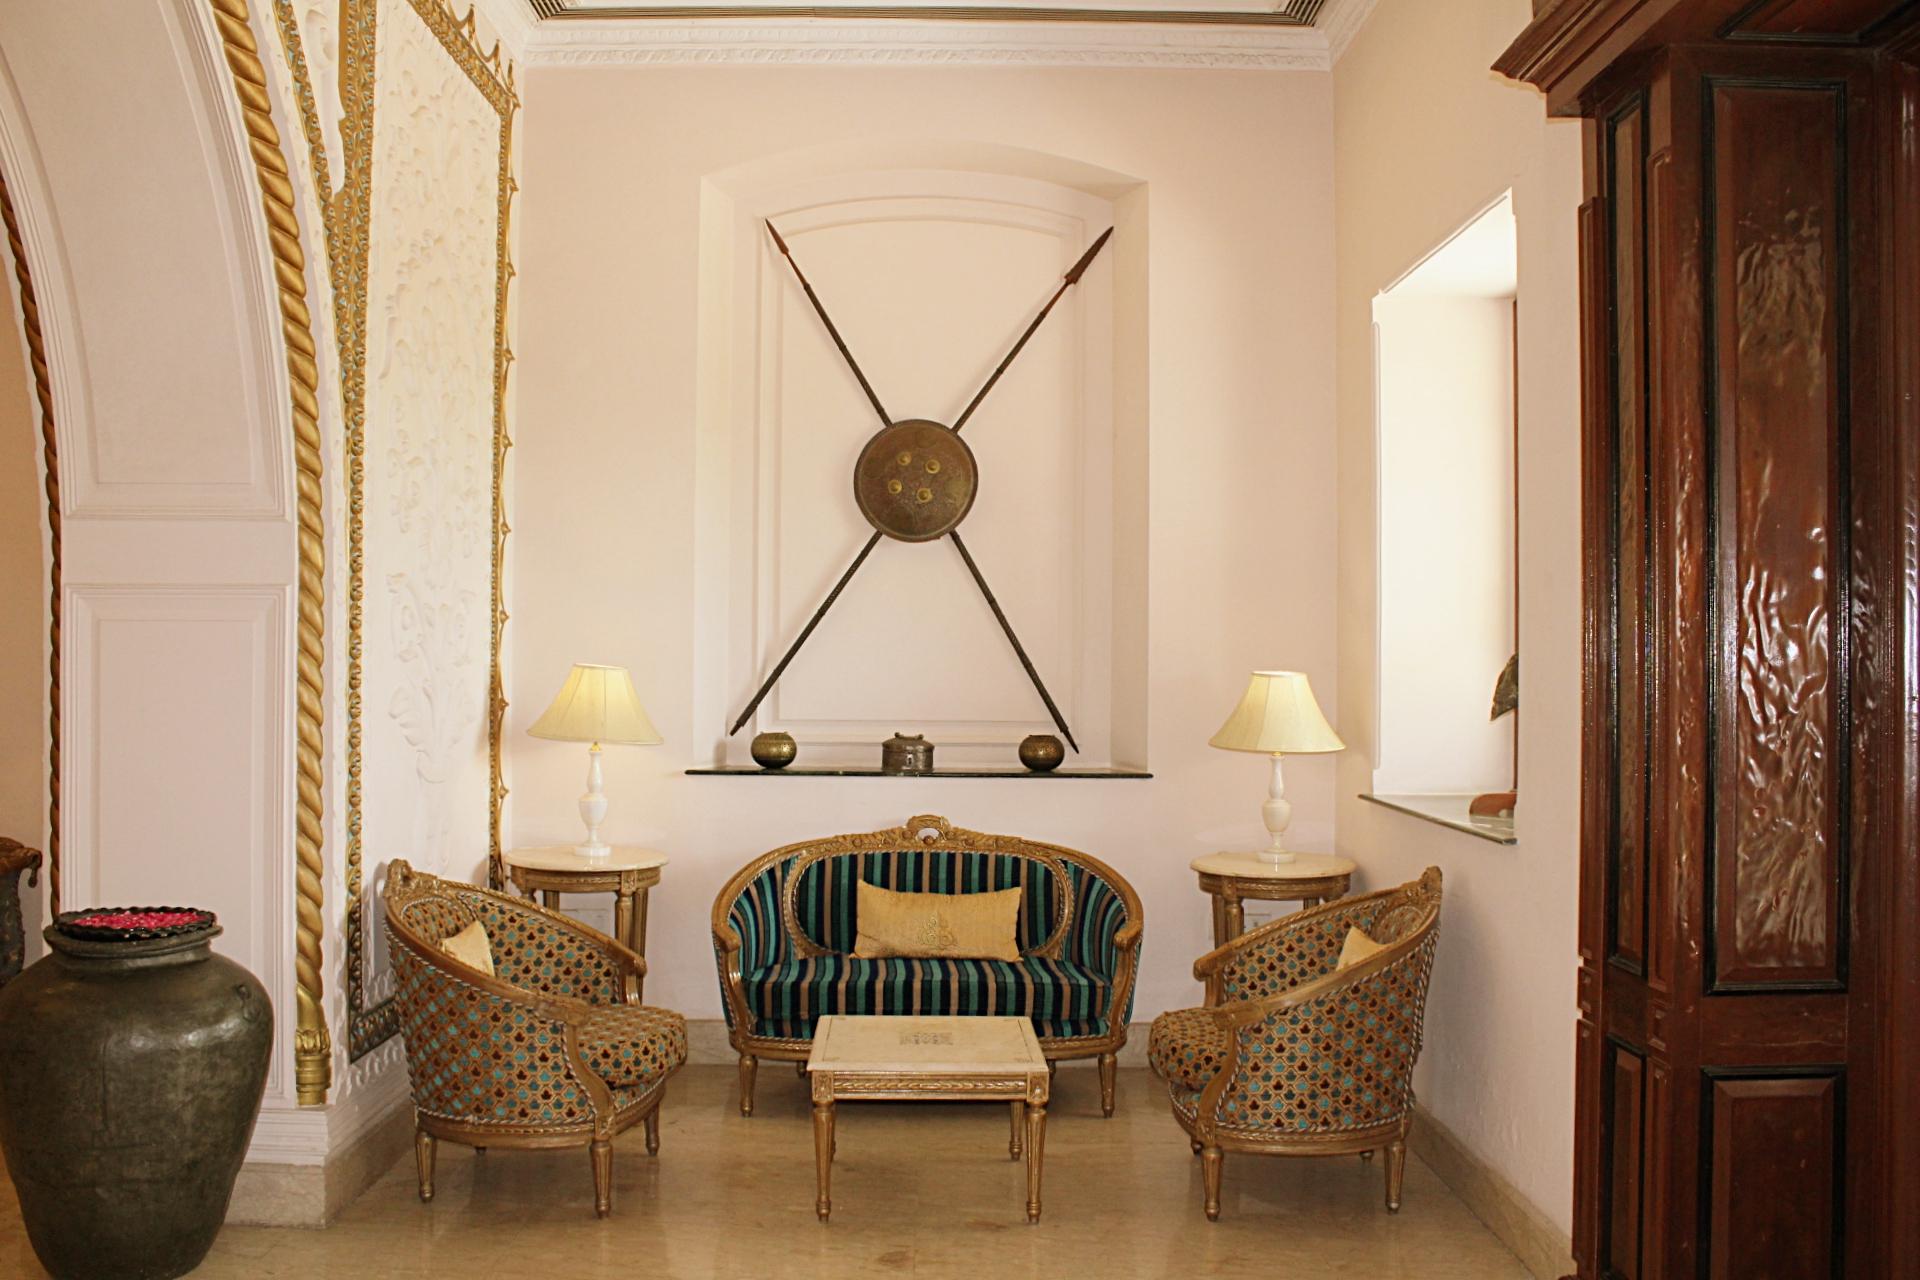 Noor-Us-Sabah Palace Reception